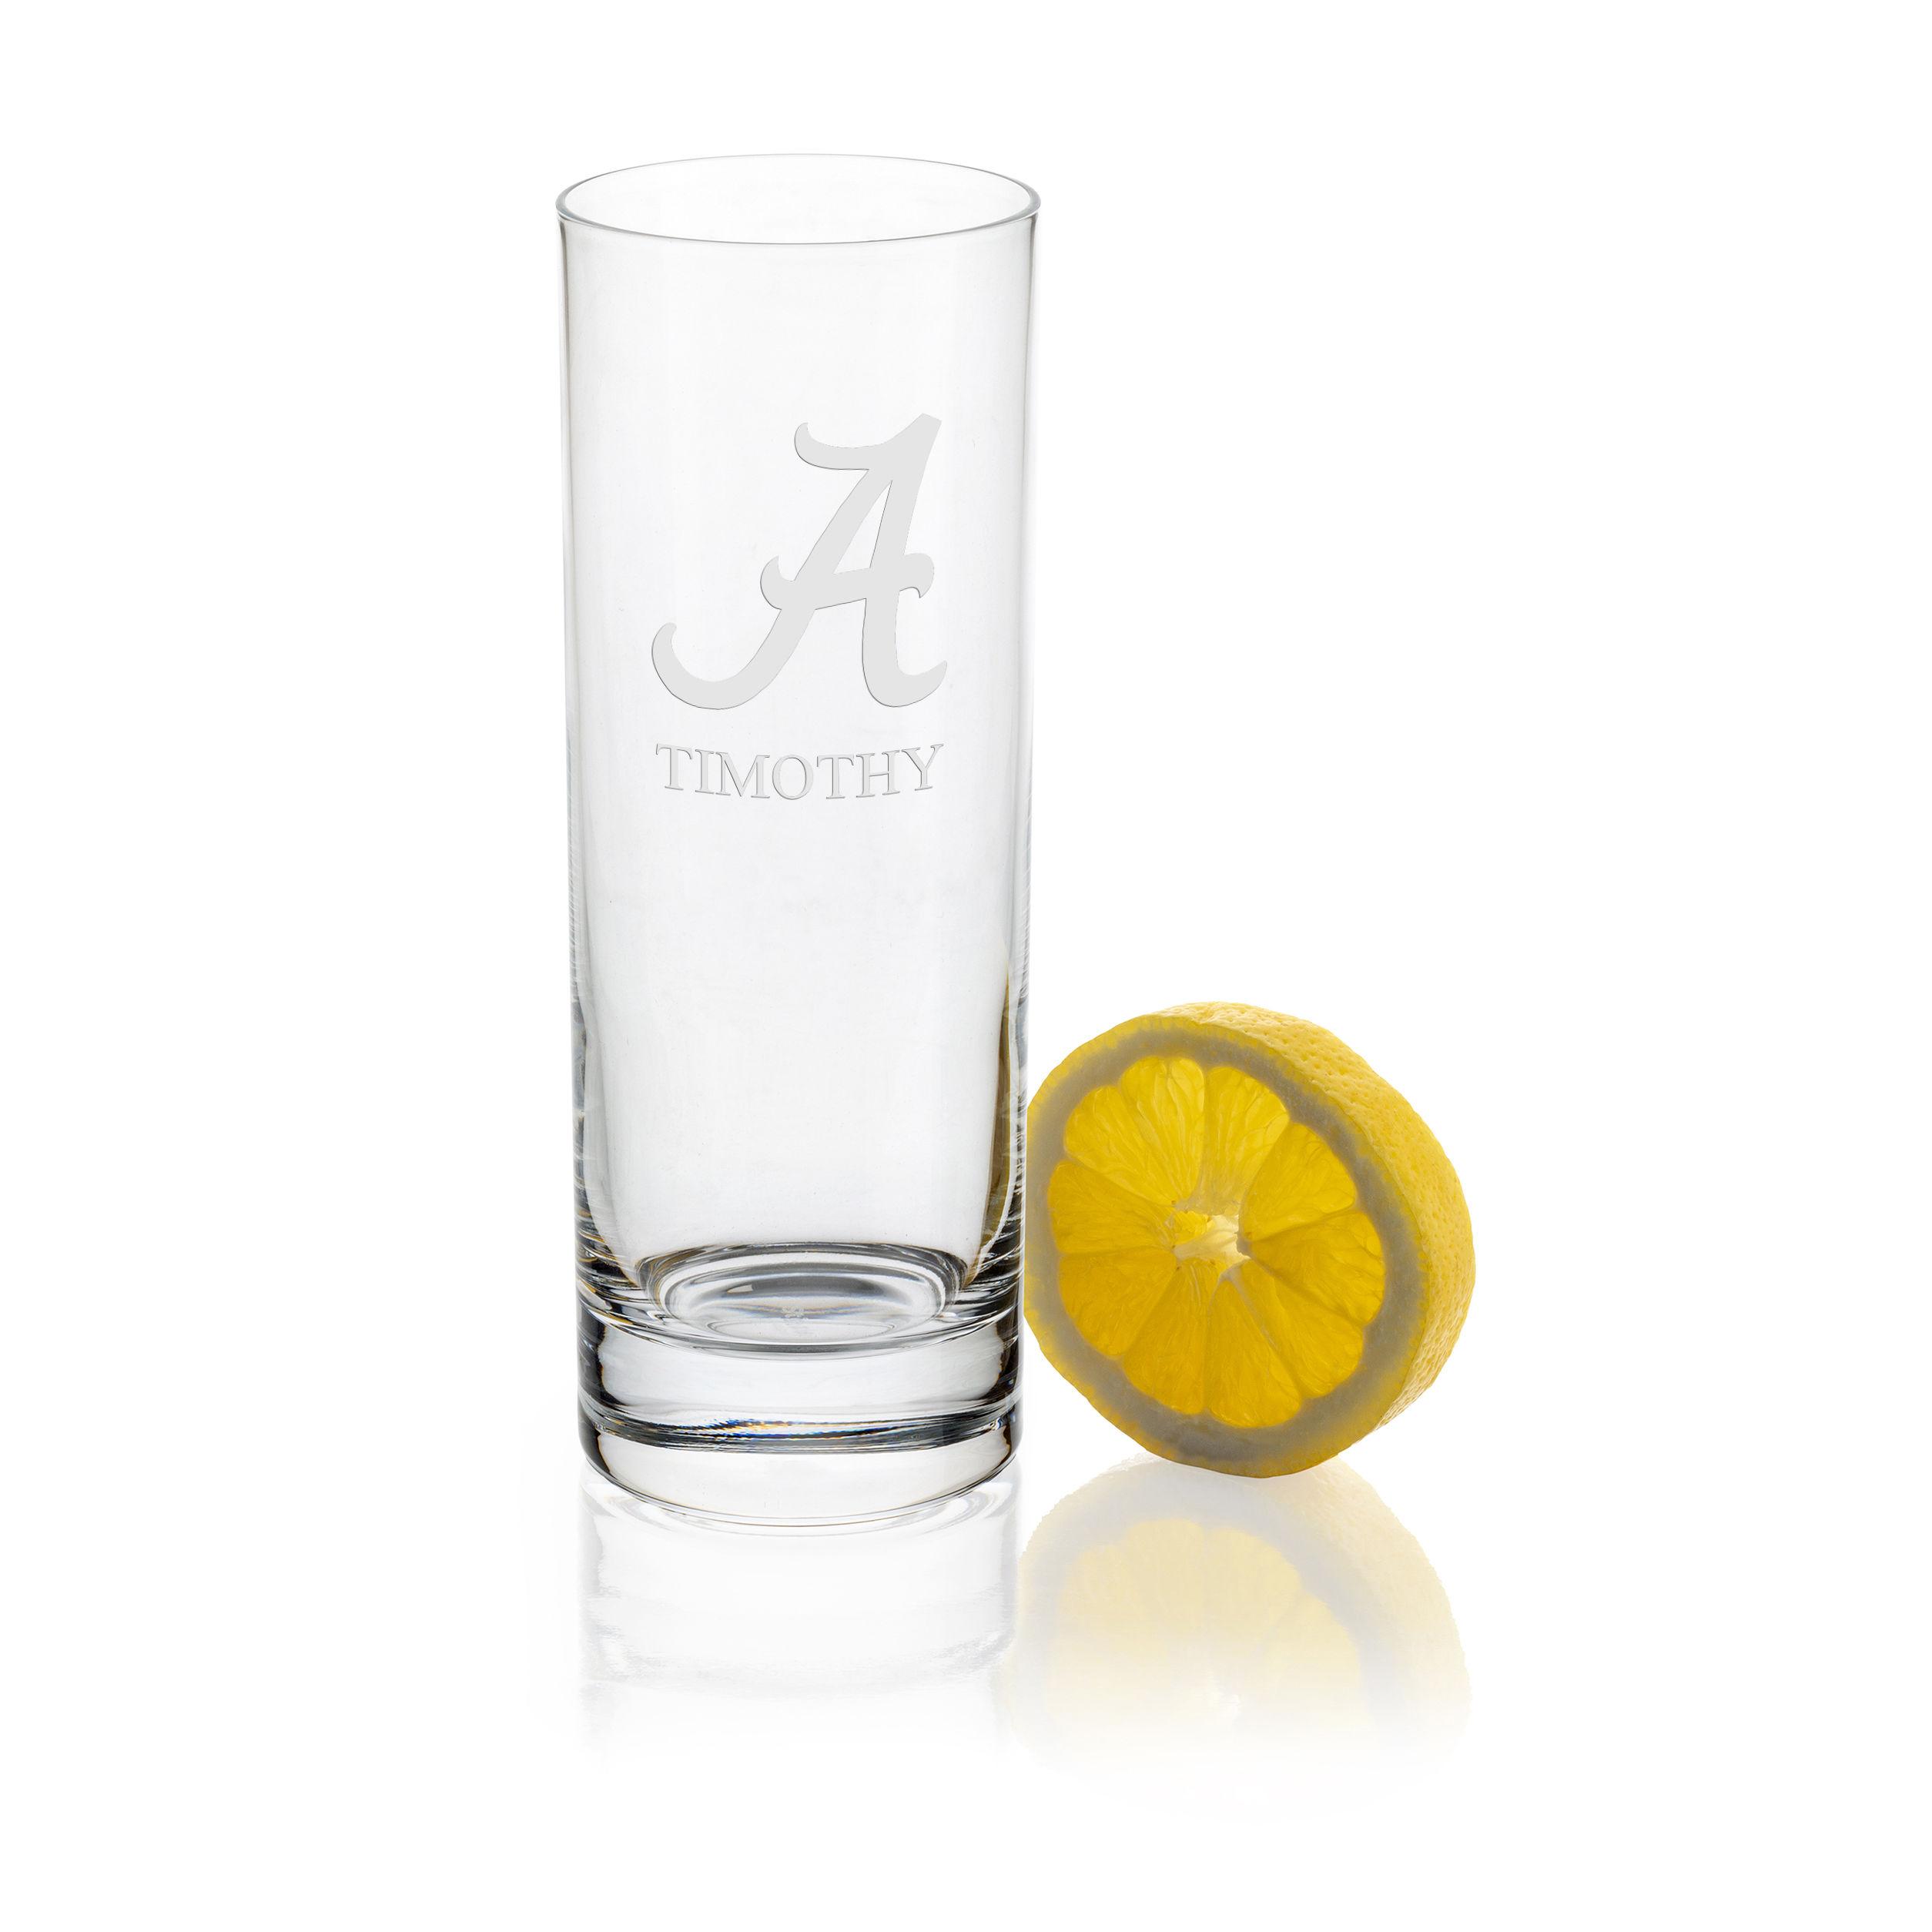 University of Alabama Iced Beverage Glasses - Set of 2